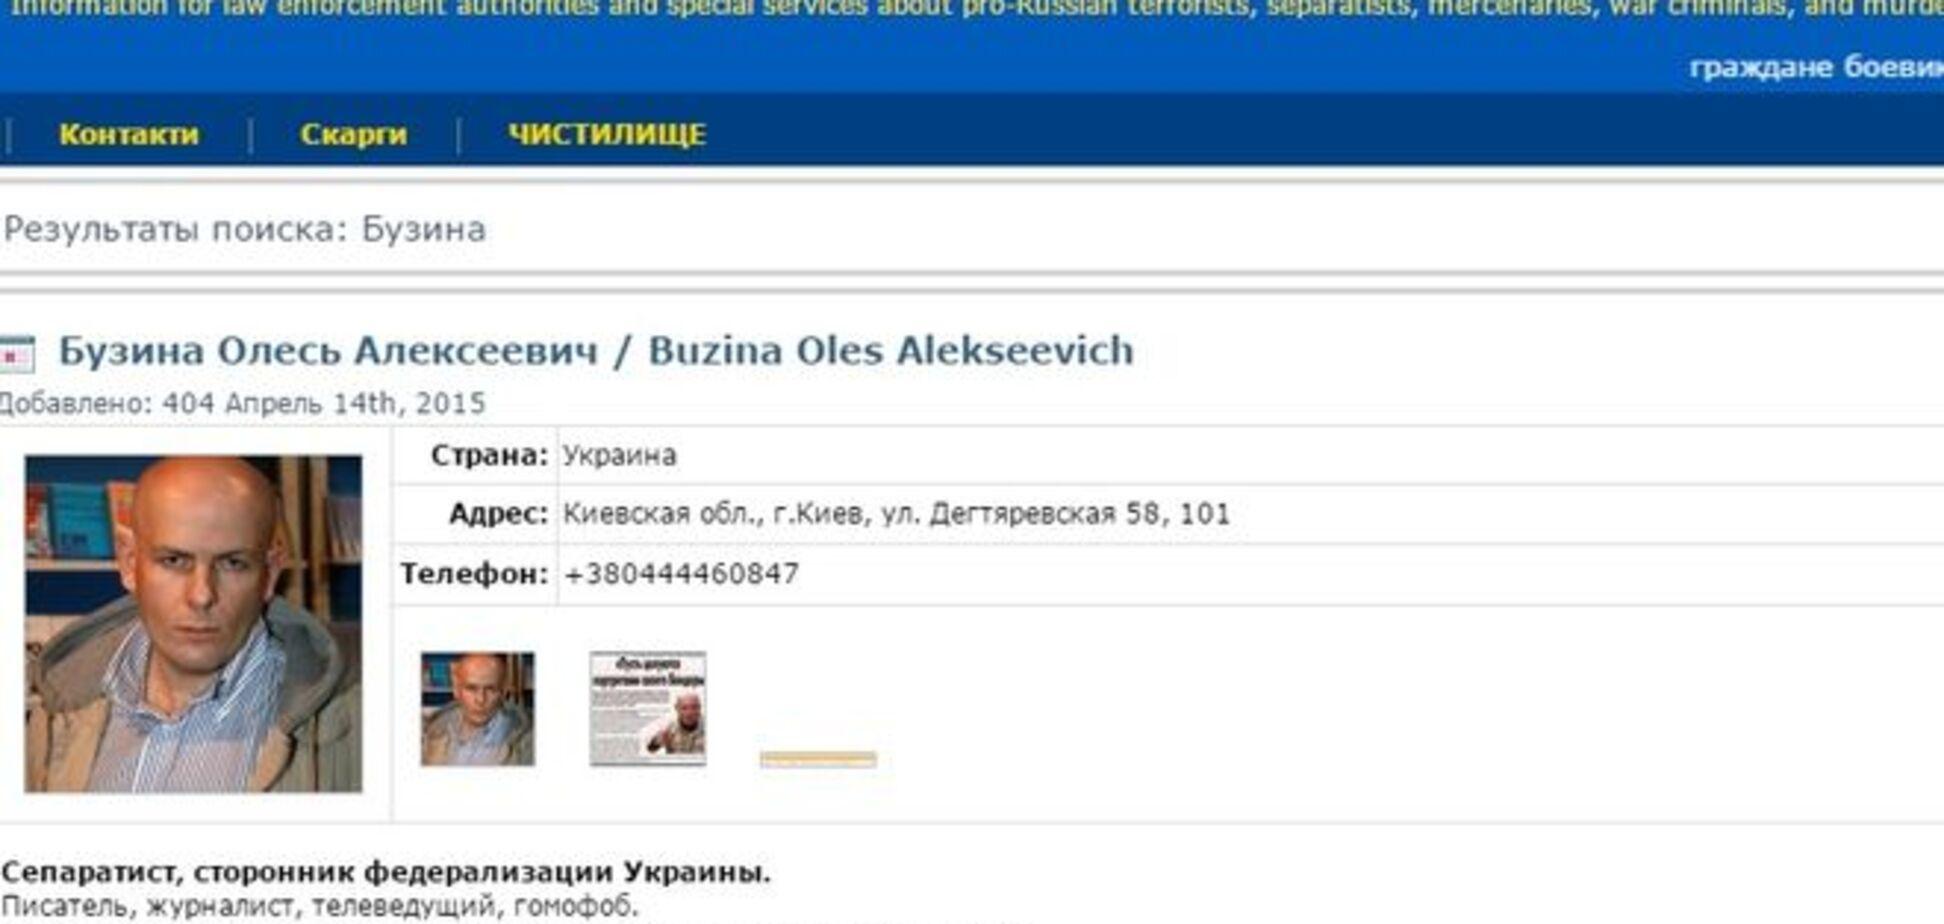 Публикация личных данных украинцев сайтом 'Миротворец' незаконна - Багиров